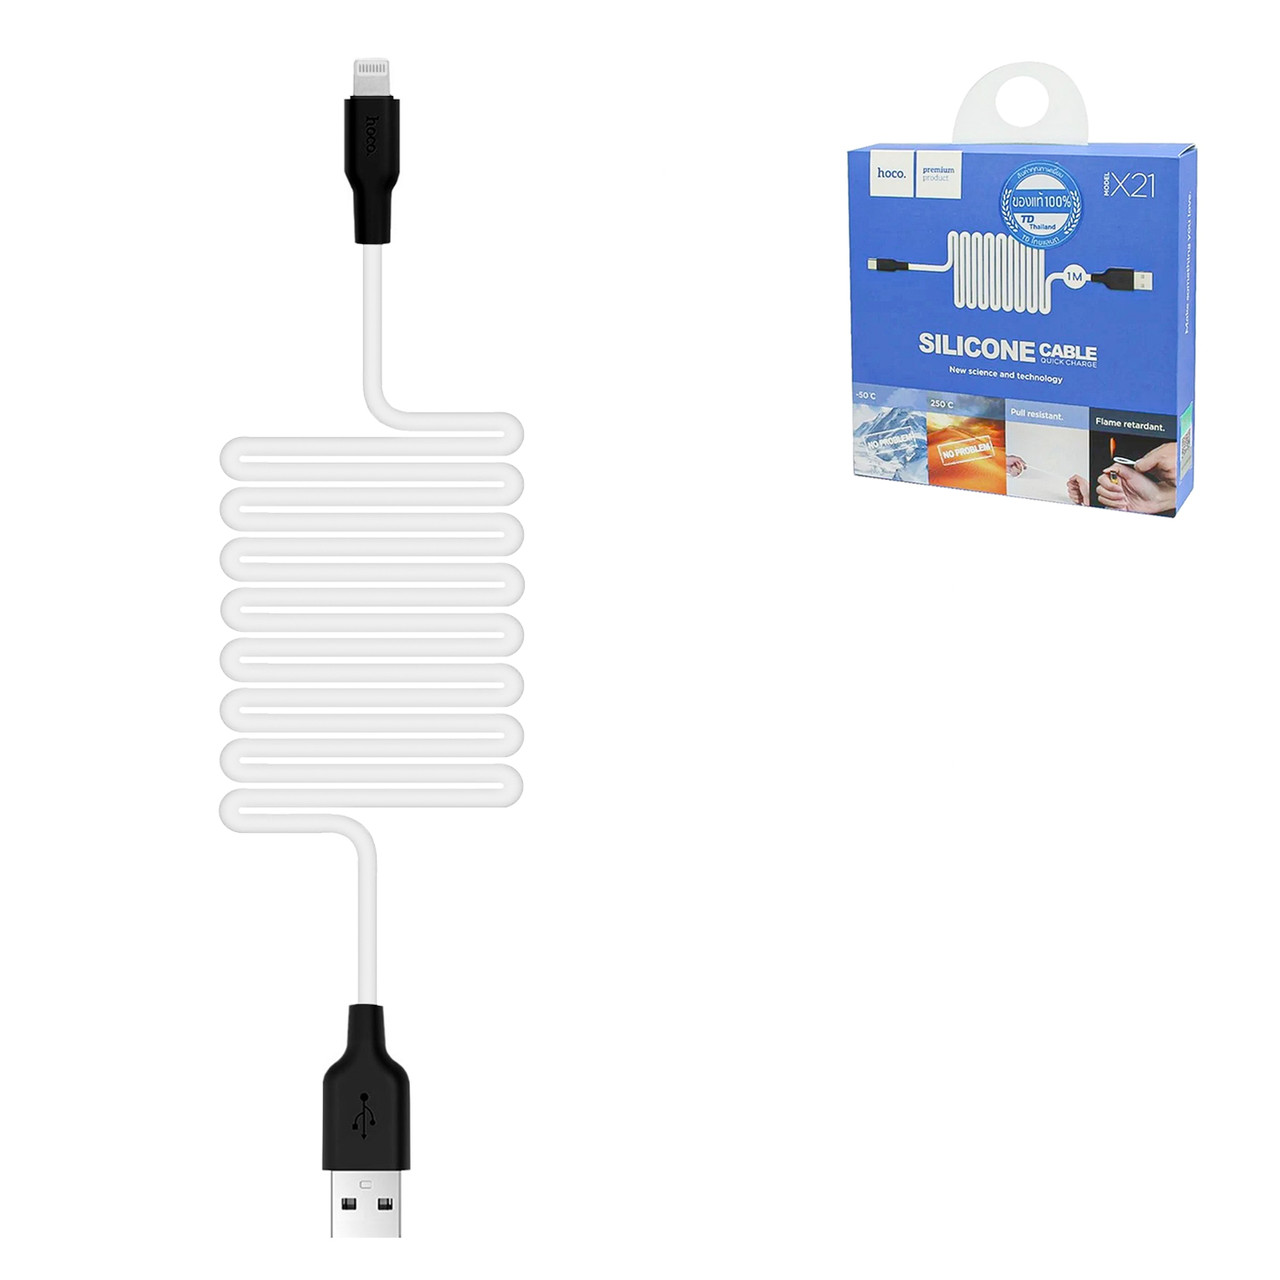 Кабель Apple lightning Hoco X21 Silicone 1.0m, White